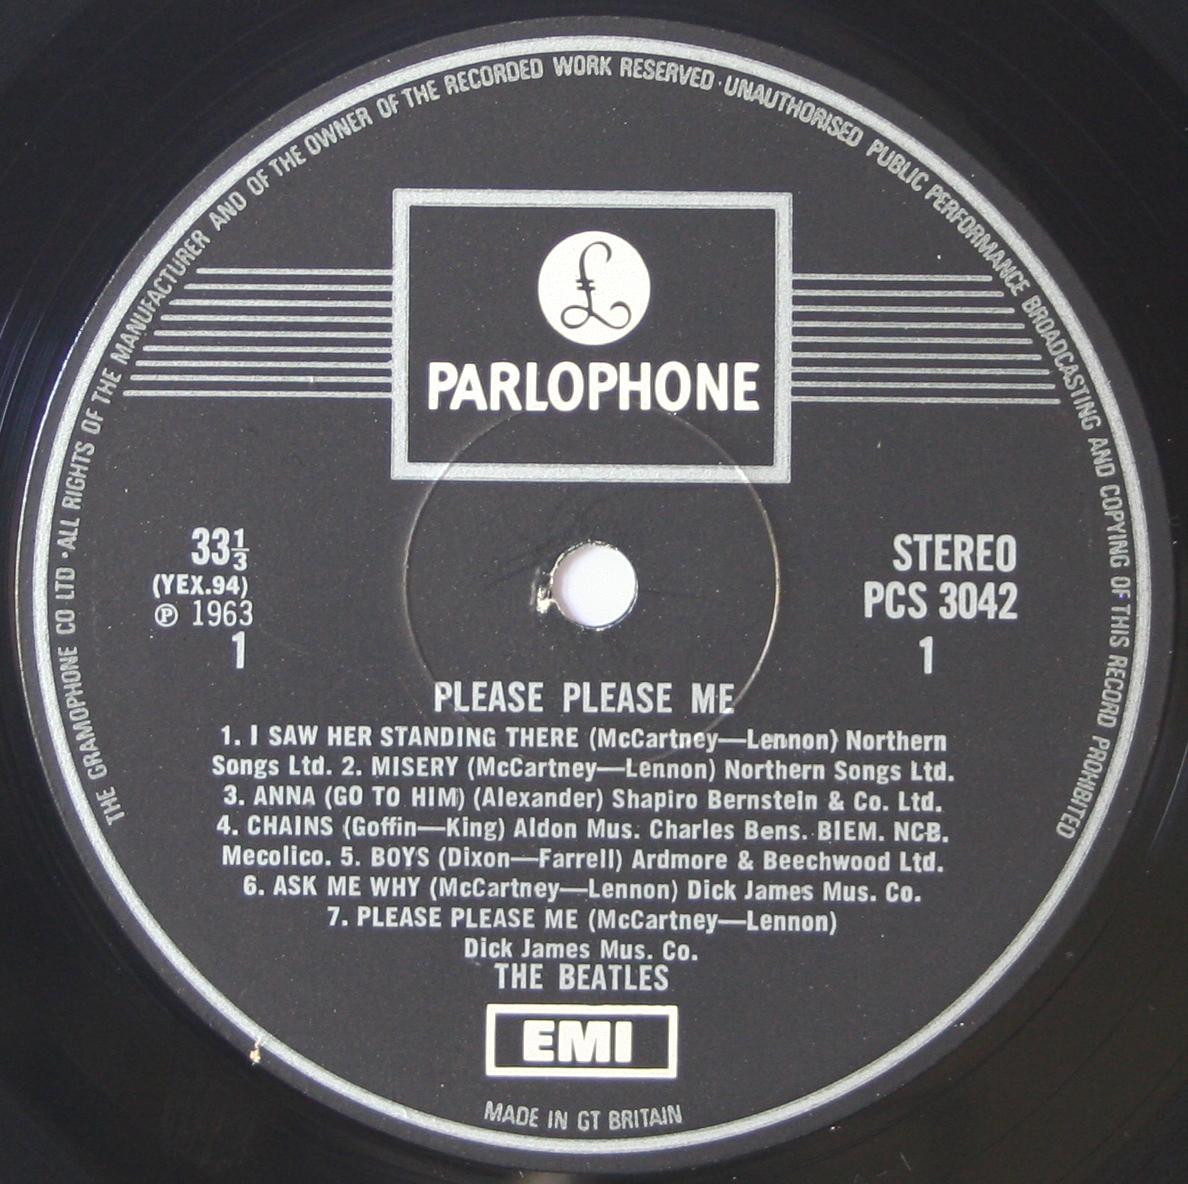 The Beatles Collection 187 Please Please Me Parlophone Pcs